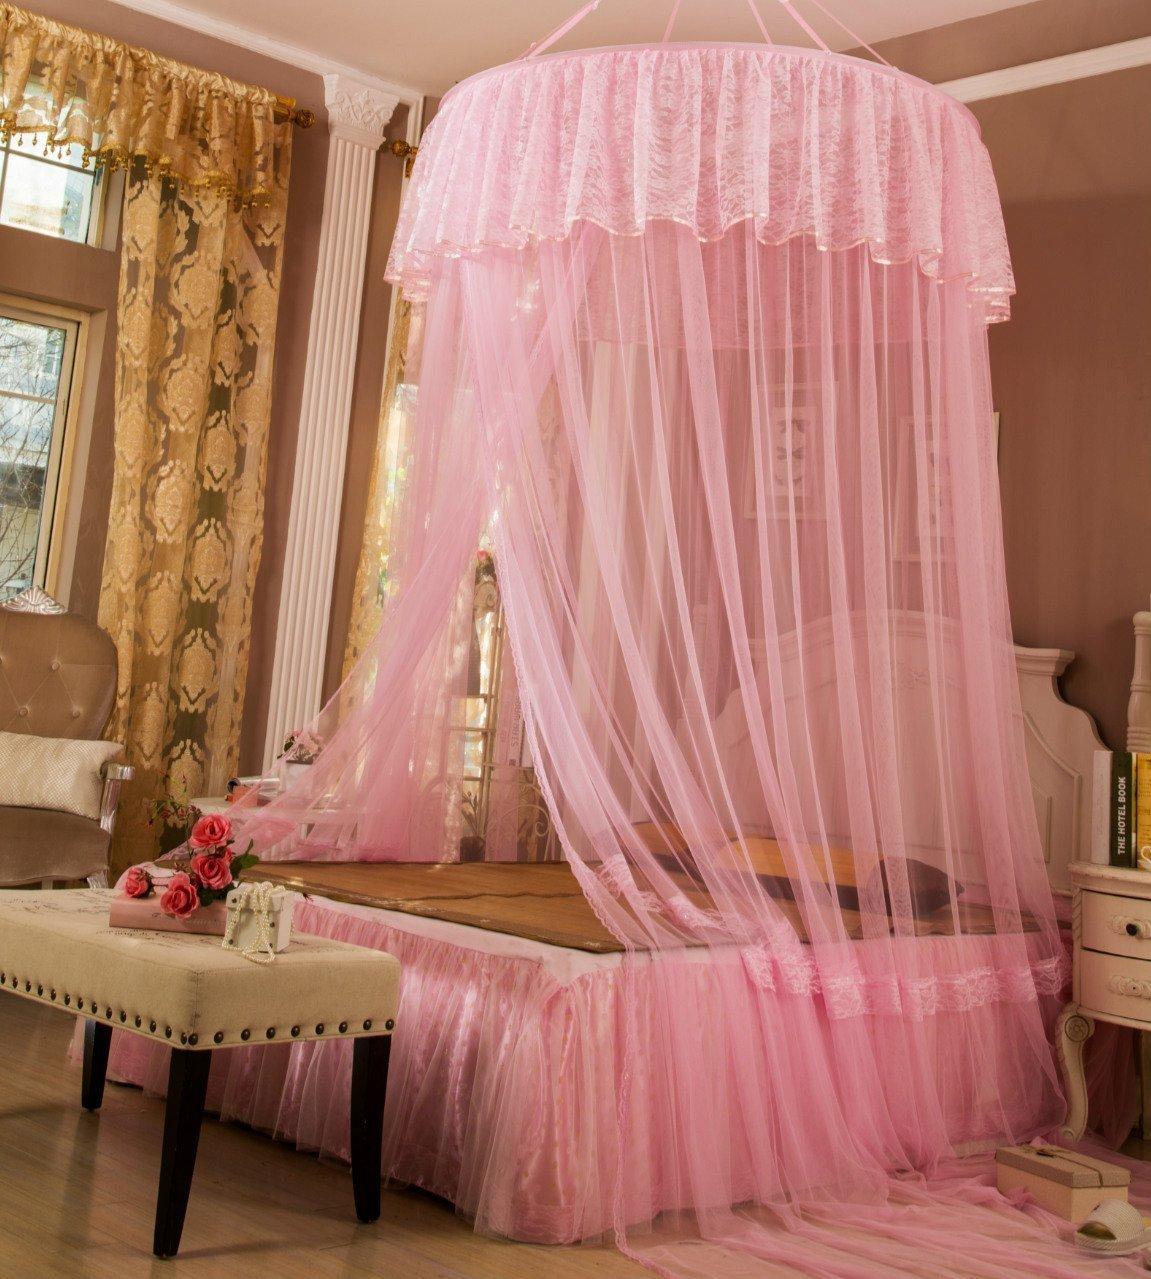 lifewheel romantique Princesse Lit D/ôme Rond Dentelle Filet Canopy moustiquaire rideau